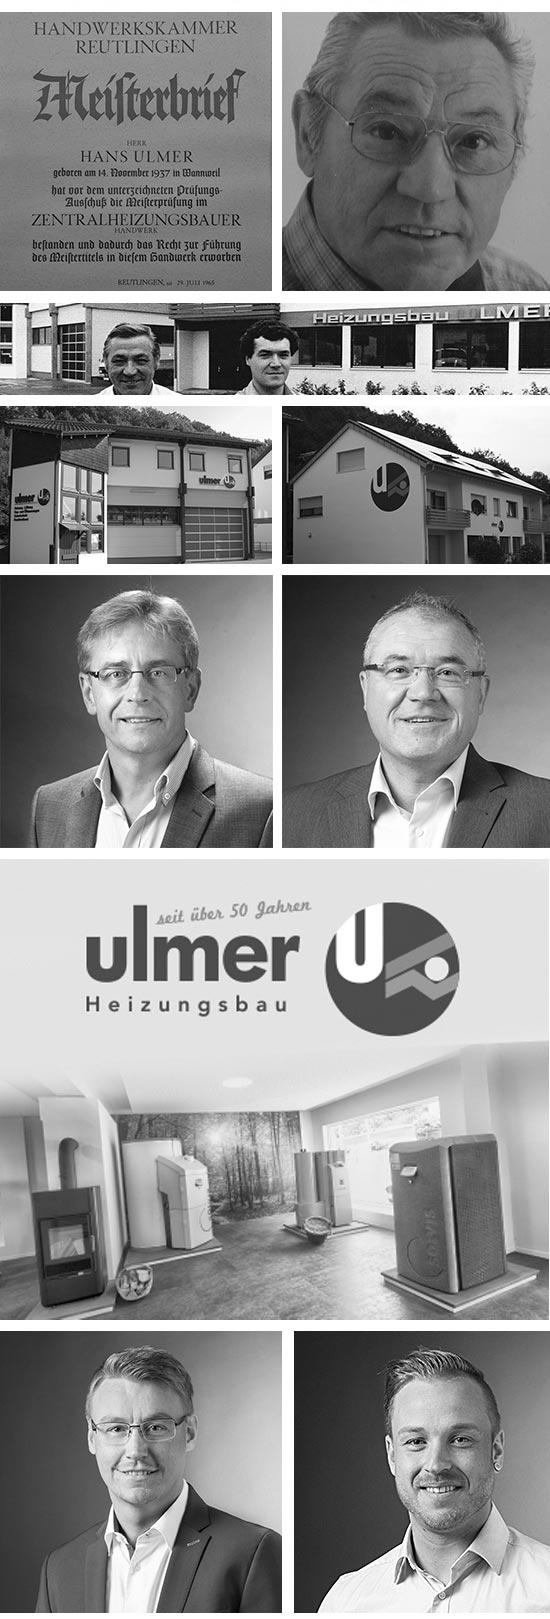 Geschichte der Ulmer Heizungsbau GmbH in Reutlingen Tübingen Mössingen